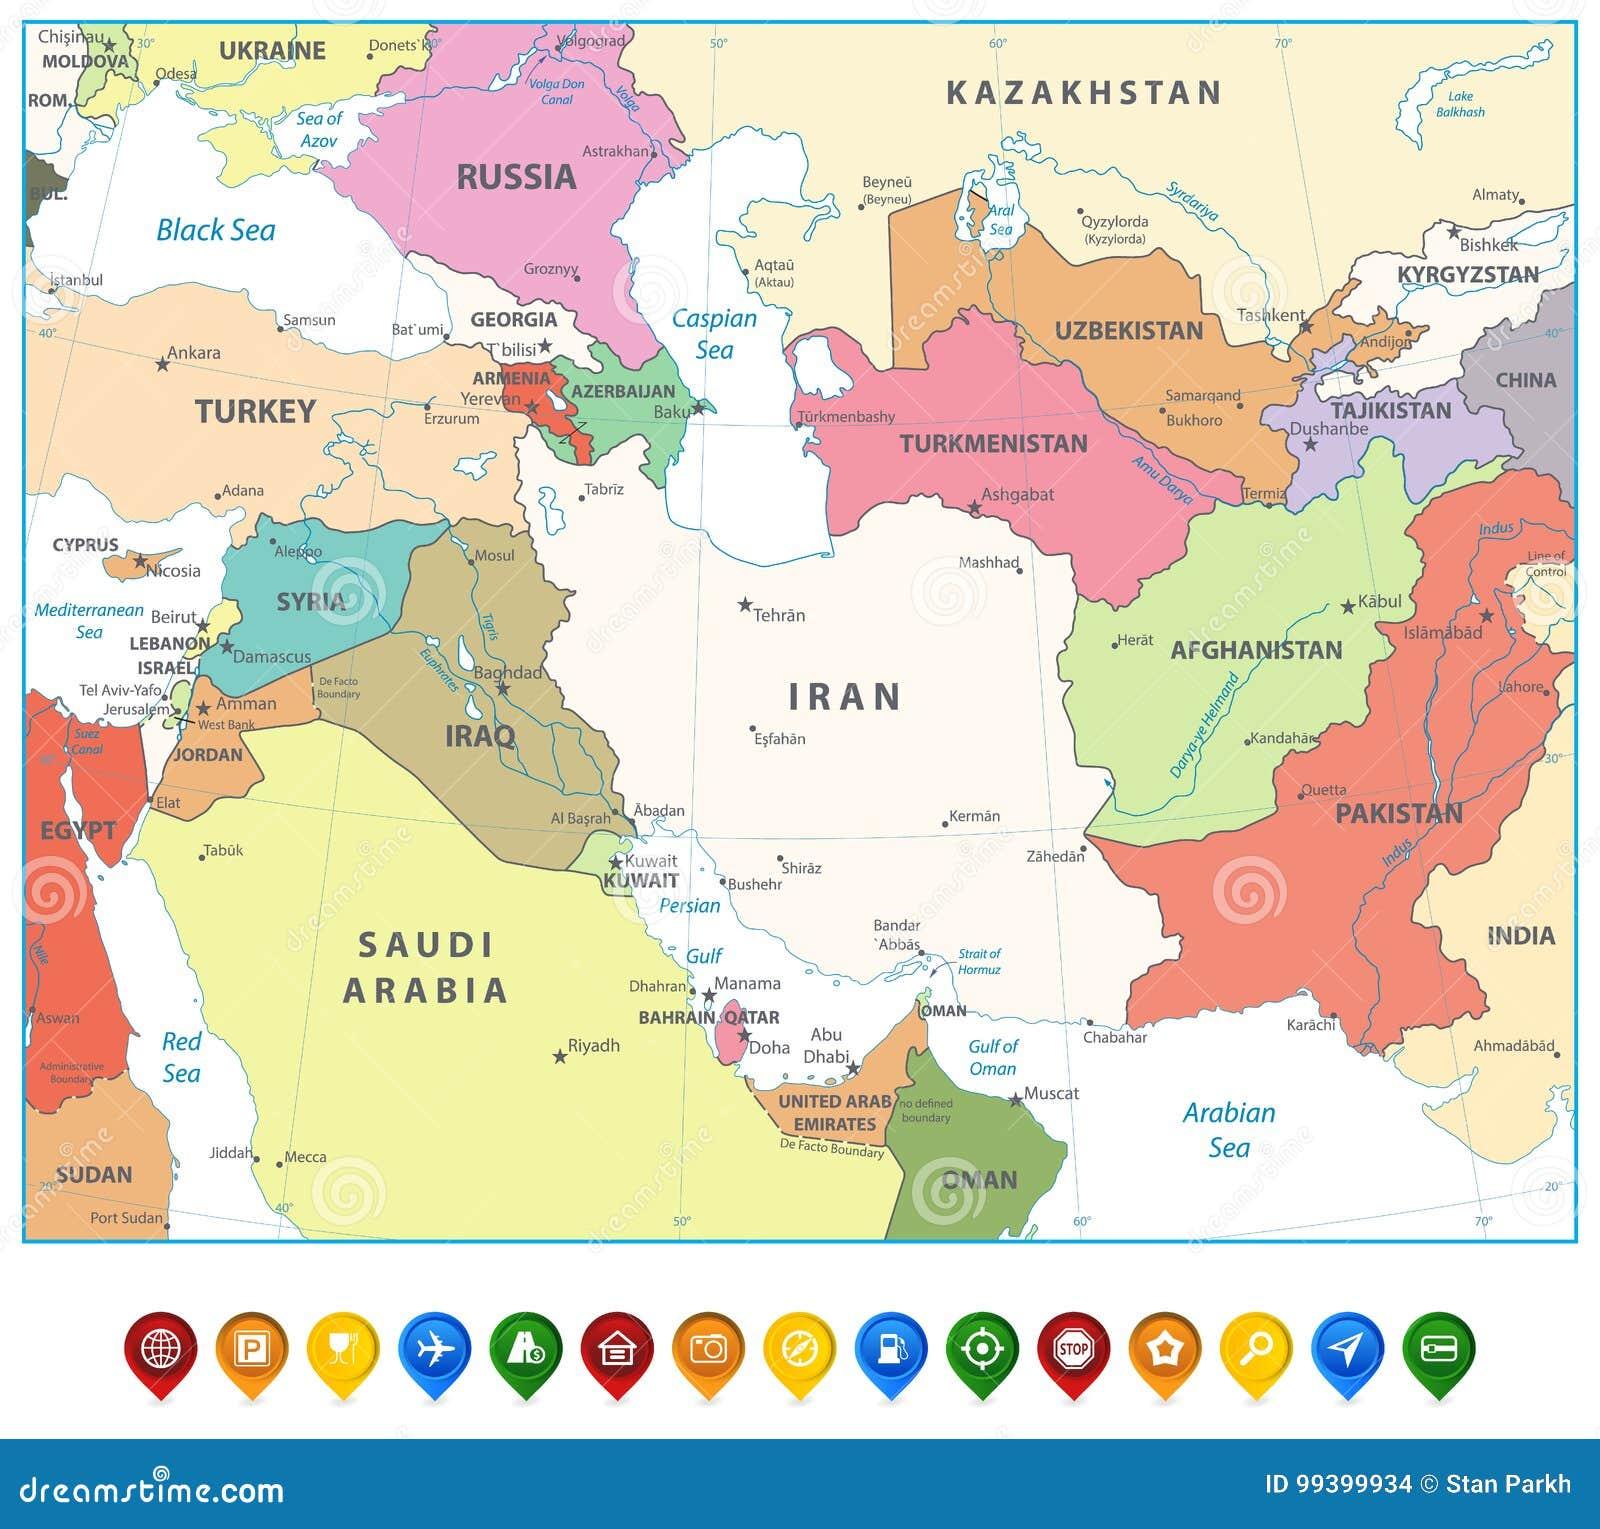 Cartina Asia Occidentale.Mappa Dell Asia Occidentale Ed Indicatori Della Mappa Isolati Su Bianco Illustrazione Vettoriale Illustrazione Di Posizioni Globo 99399934